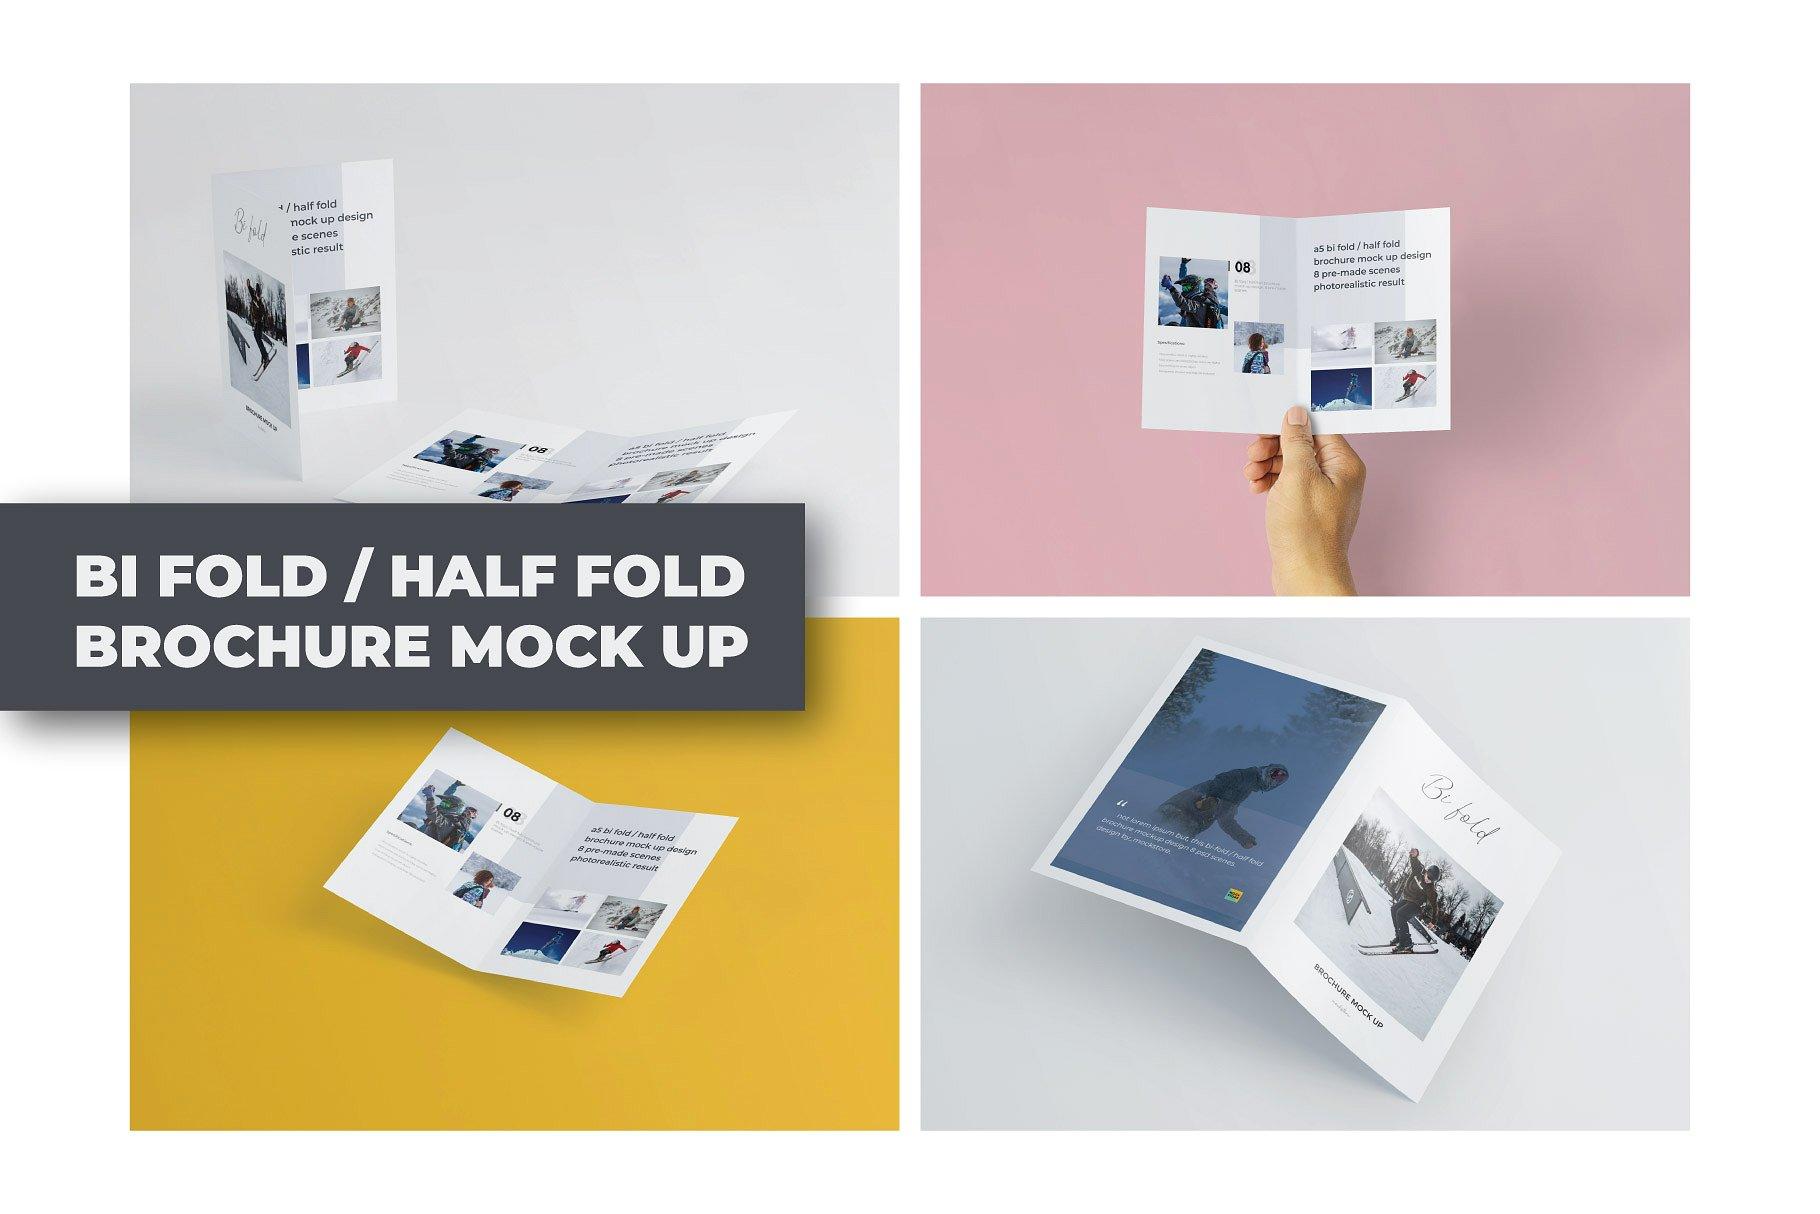 企业介绍三折页展示样机 A5 Bifold Half-Fold Brochure Mockup